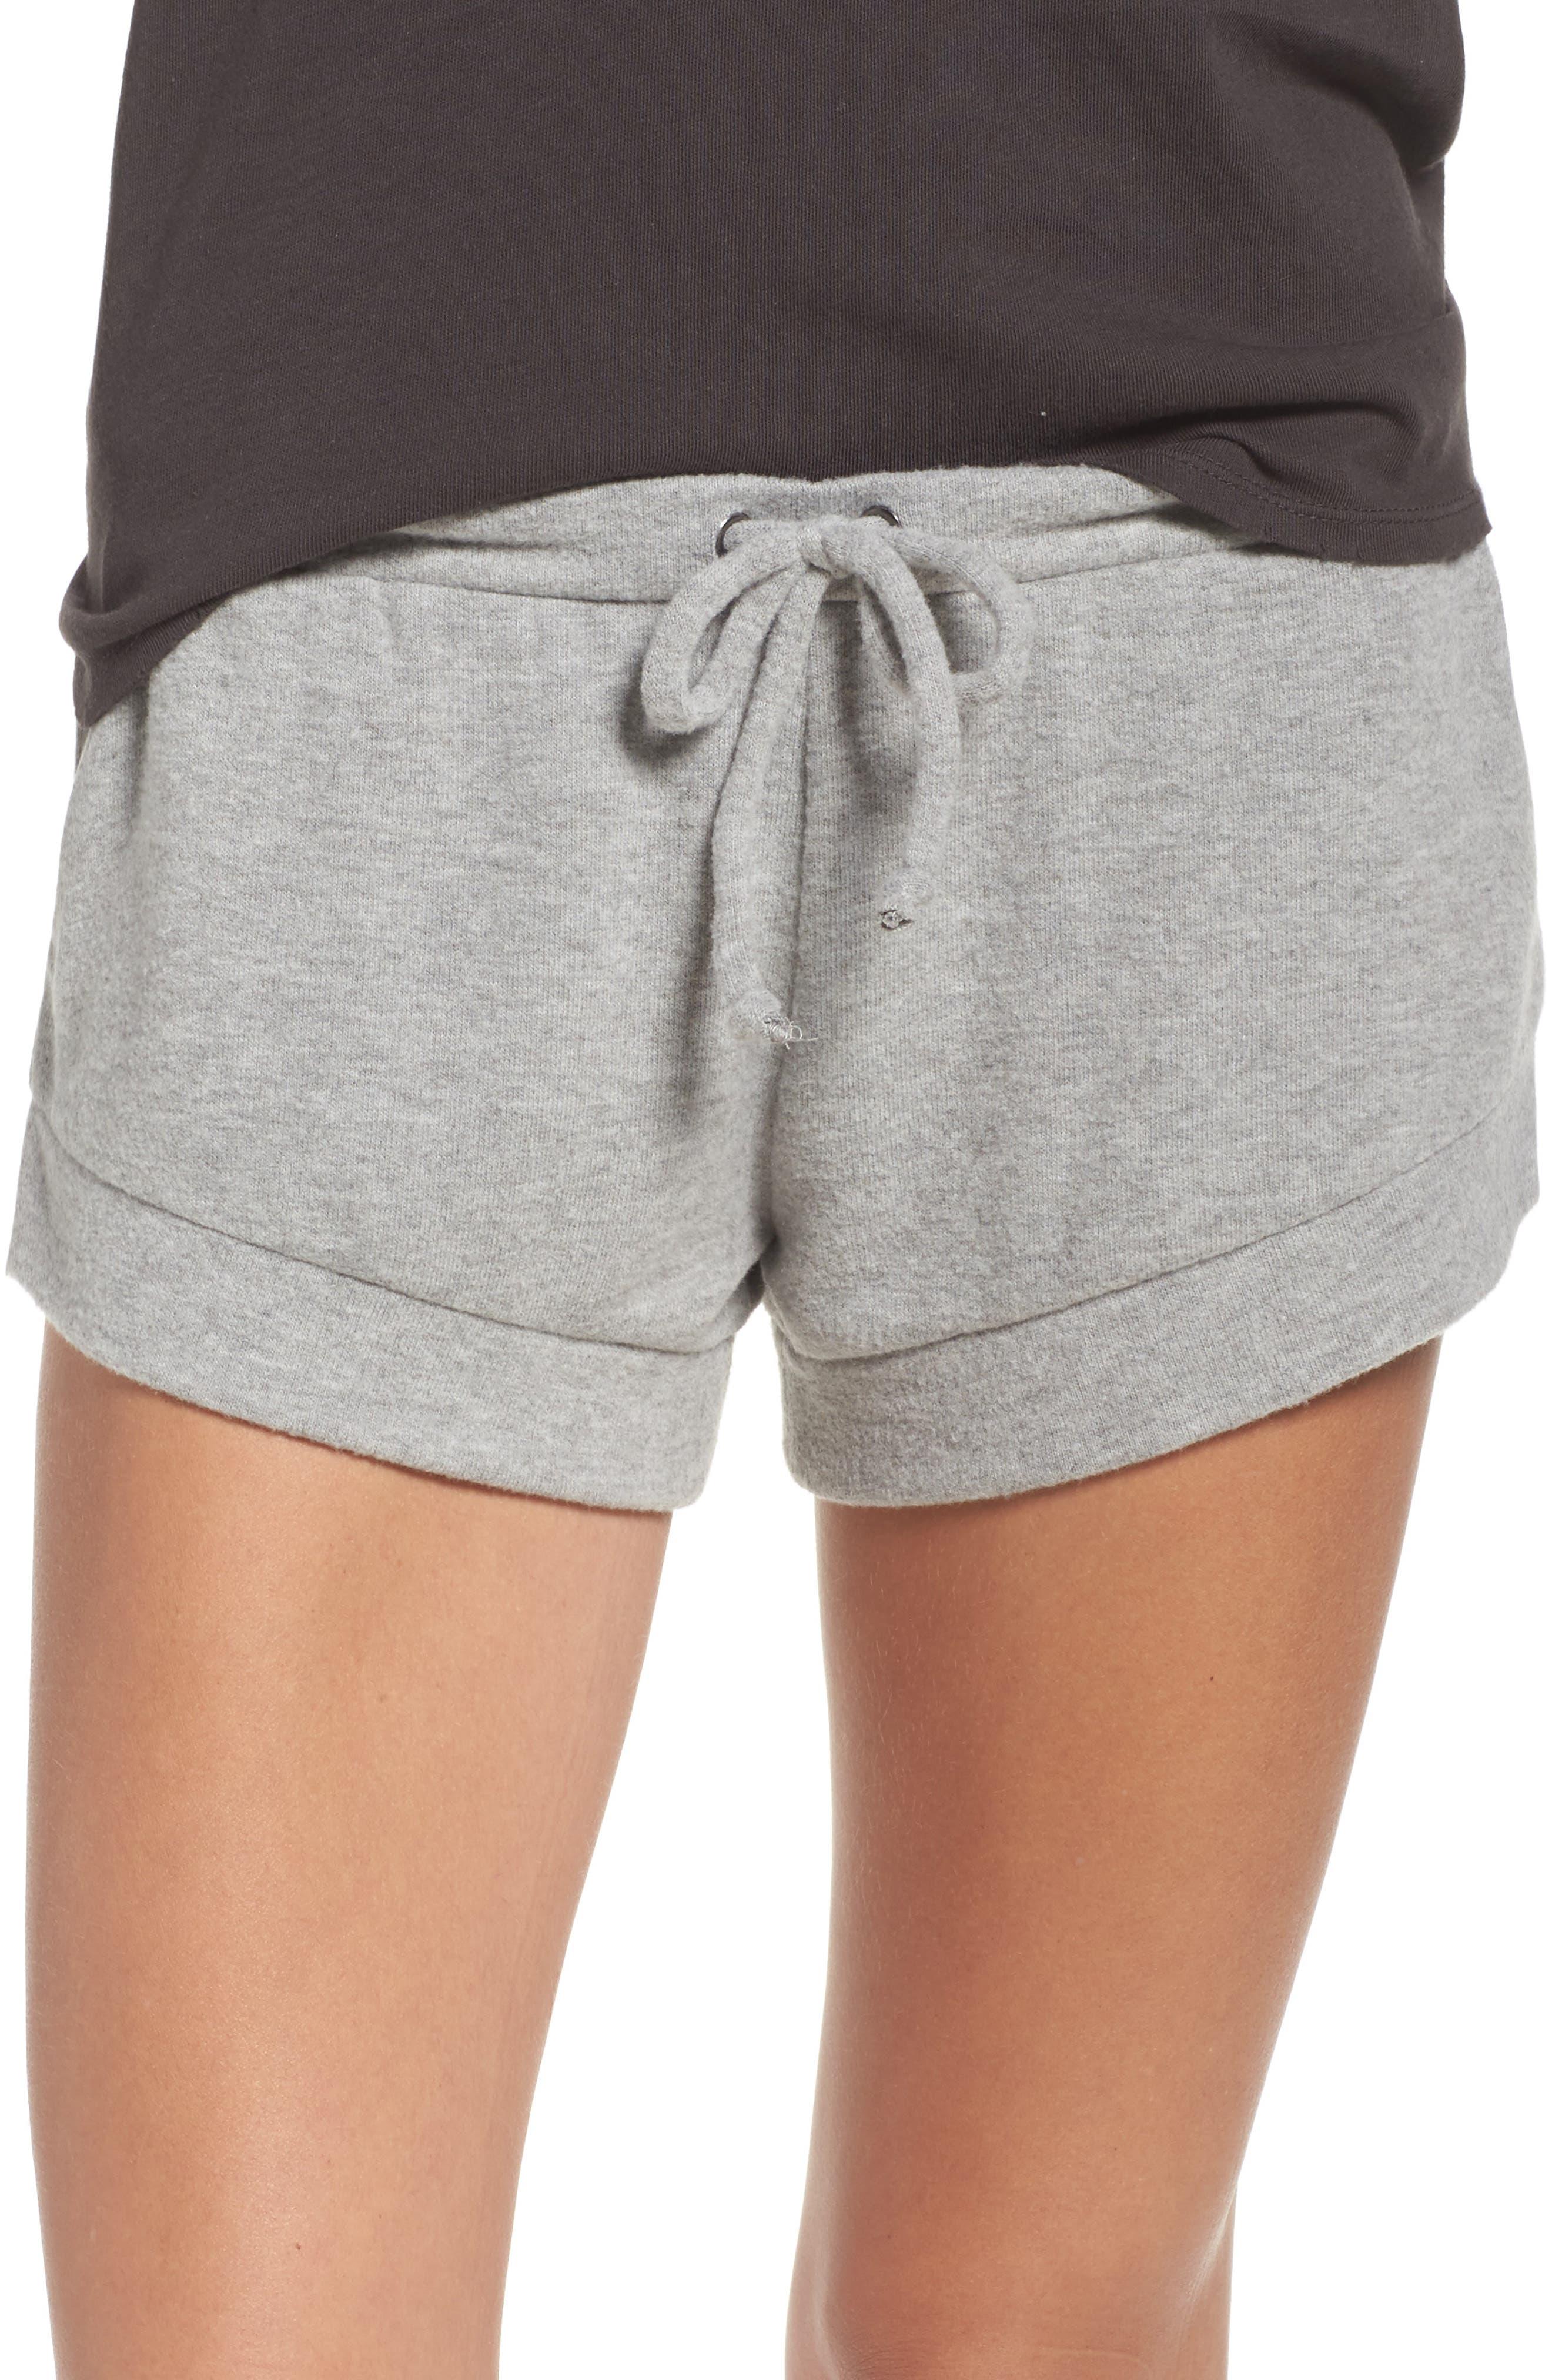 Lounge Shorts,                             Main thumbnail 1, color,                             039